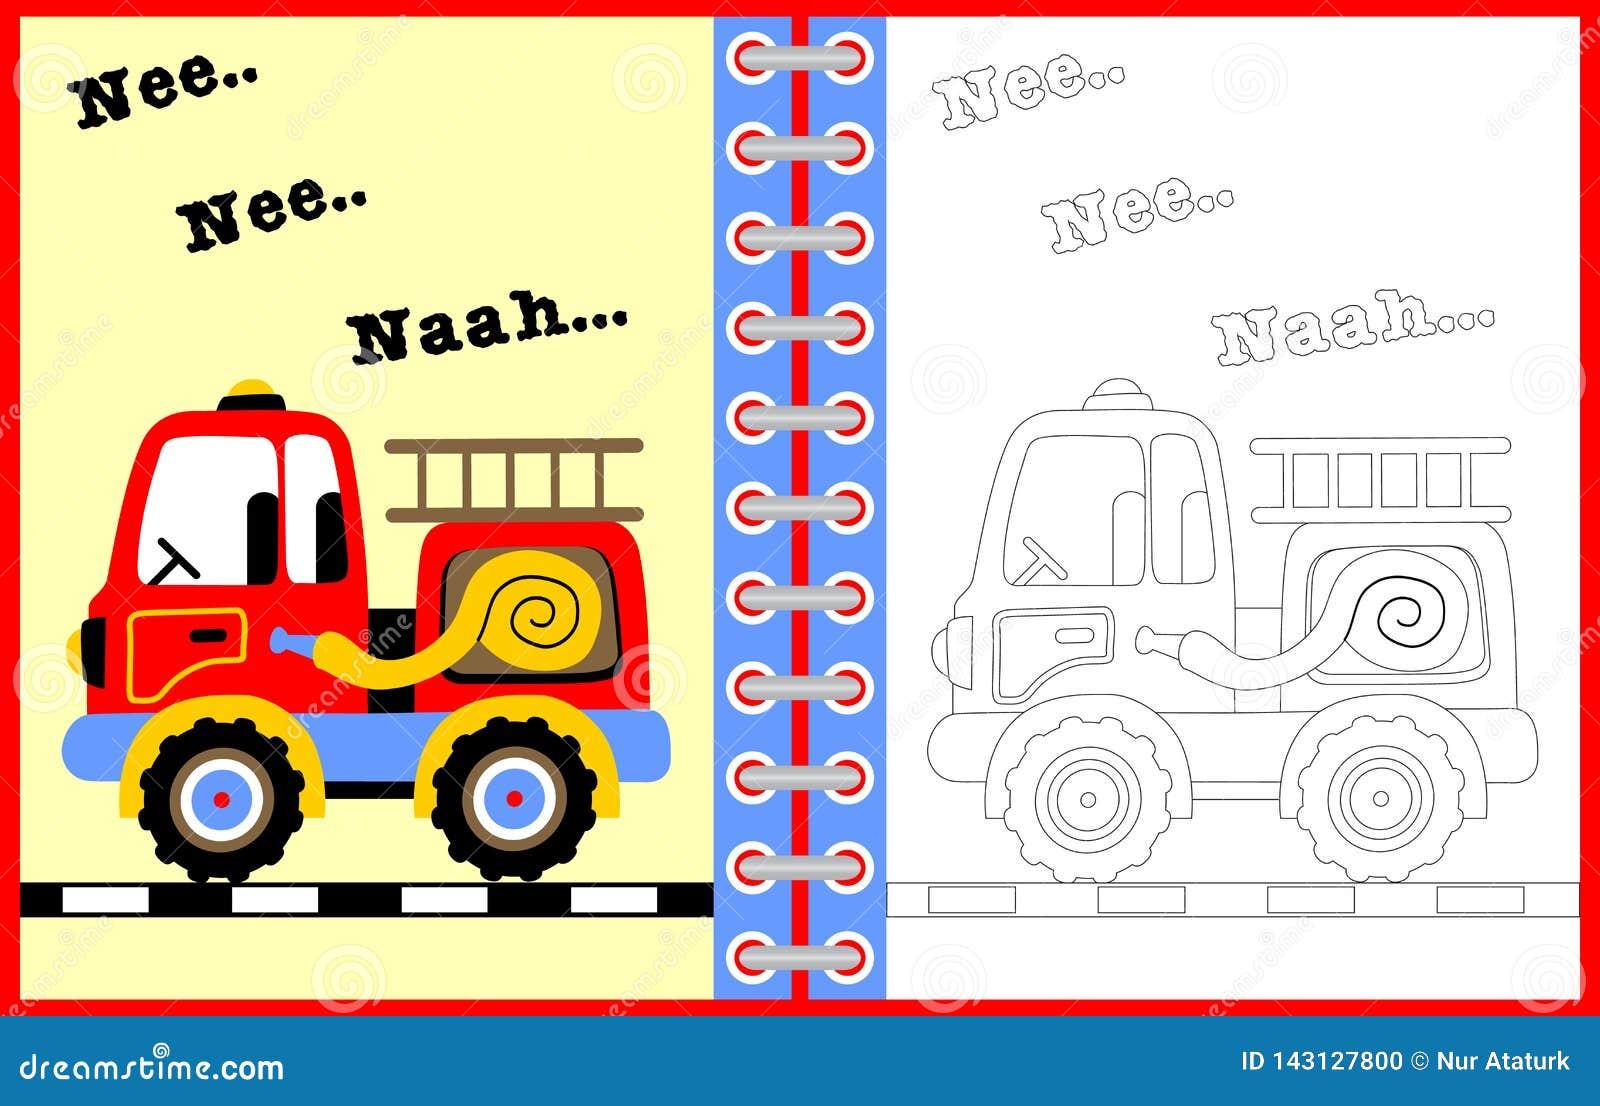 Pagina Da Ilustracao Colorir Dos Desenhos Animados Do Vetor Do